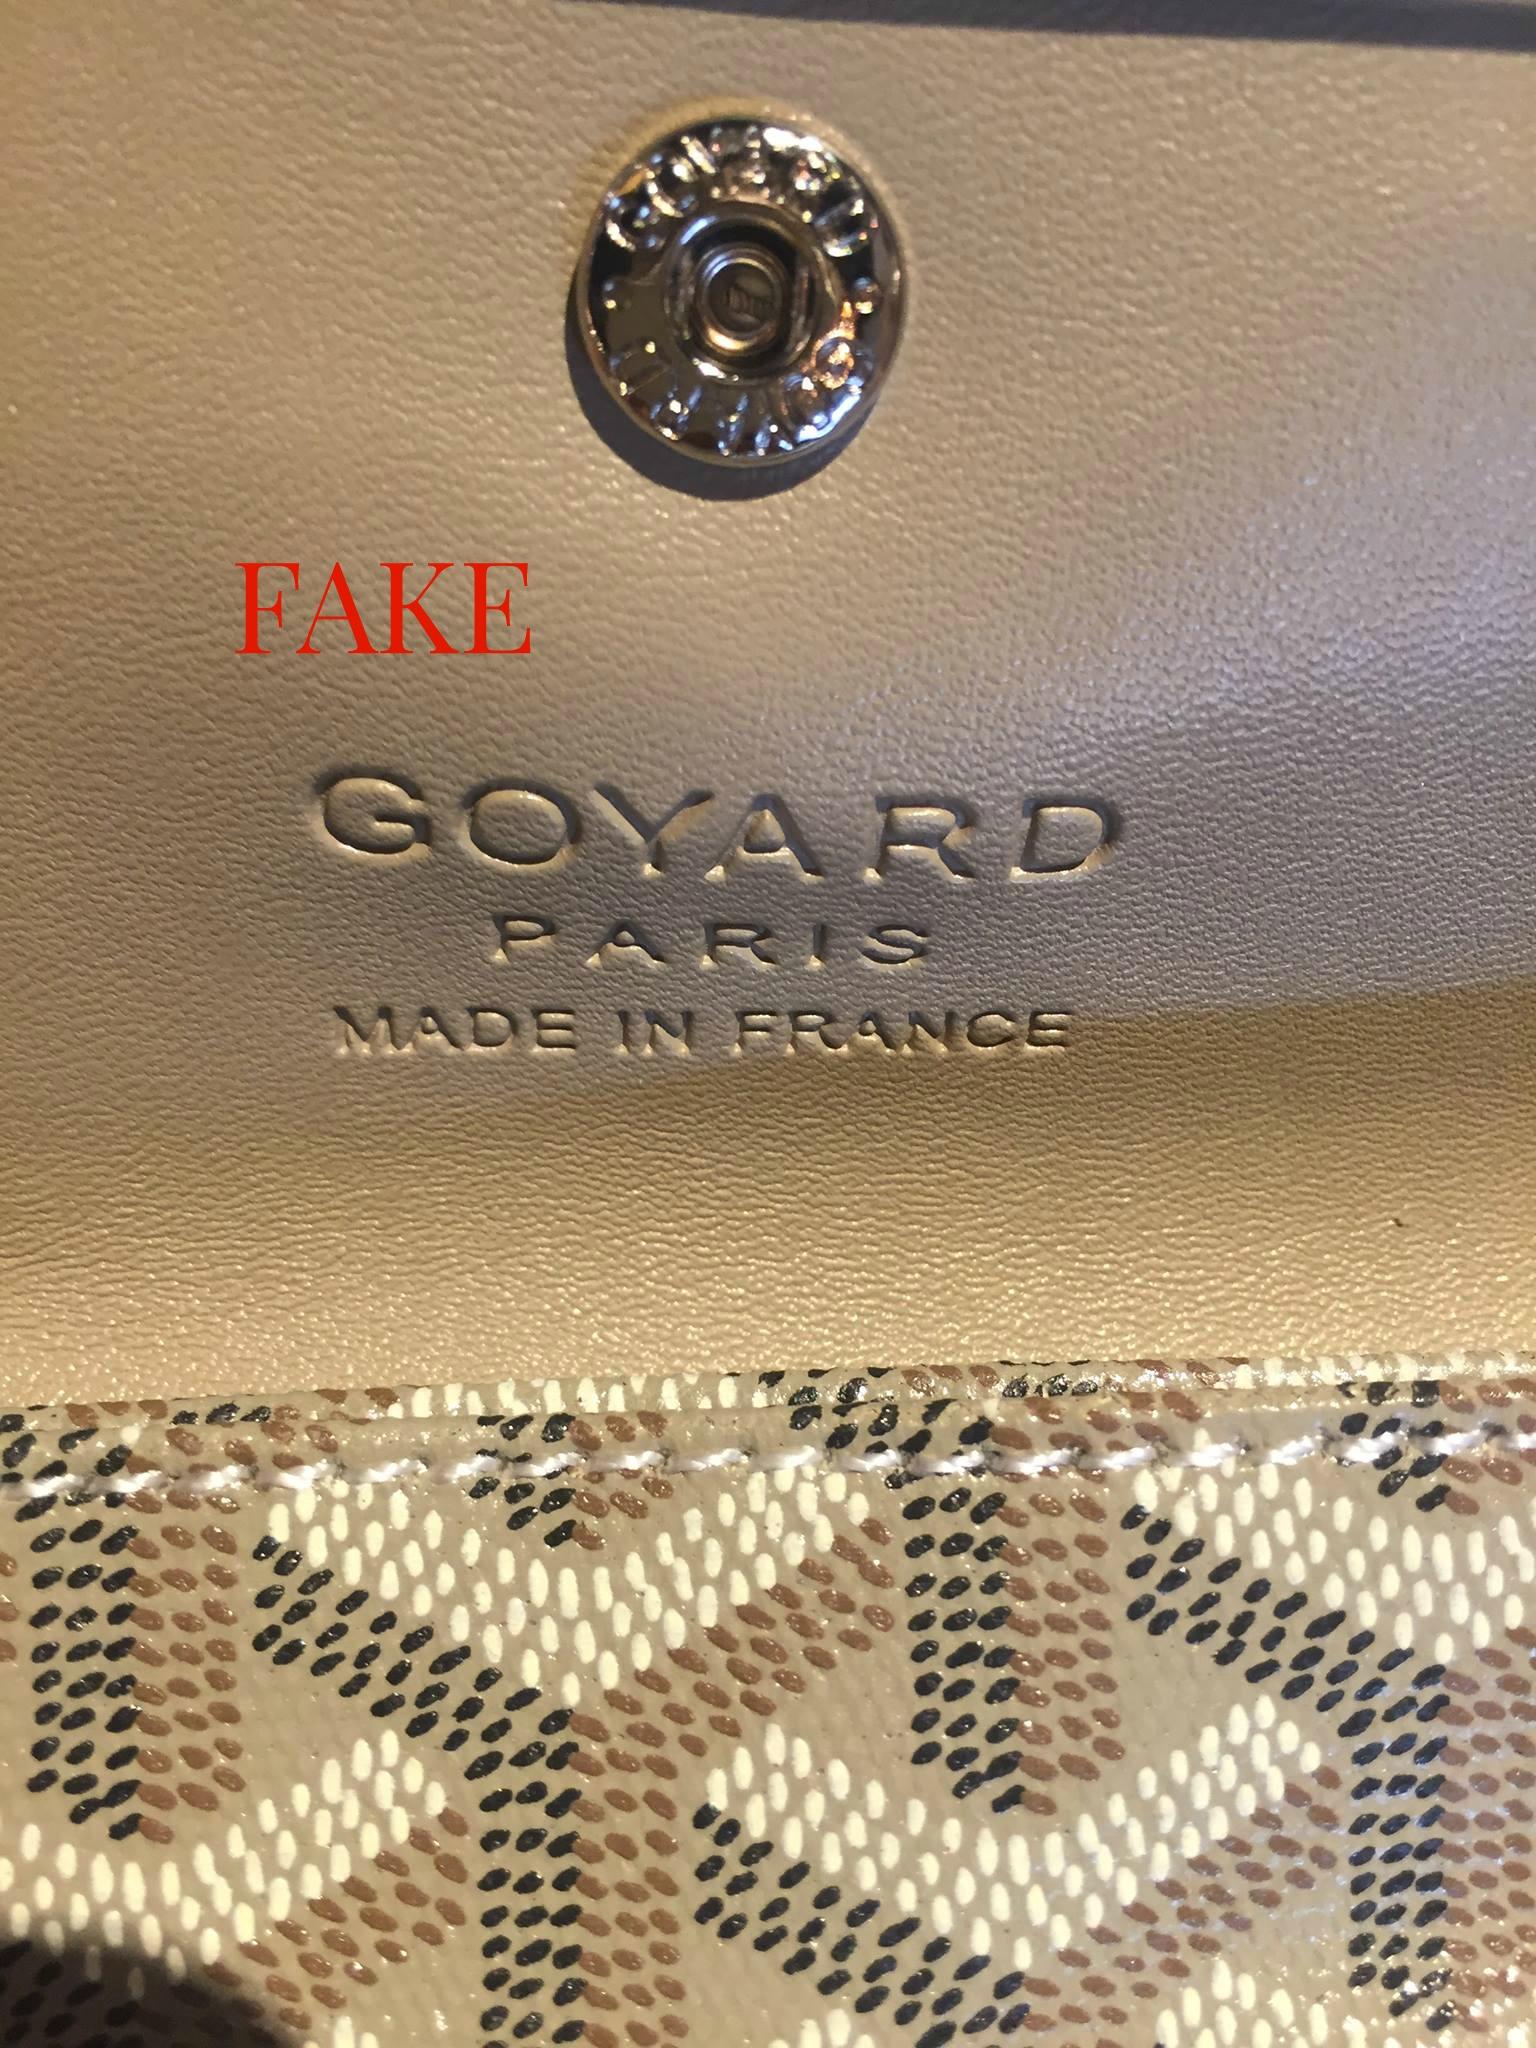 fake-goyard-stamp